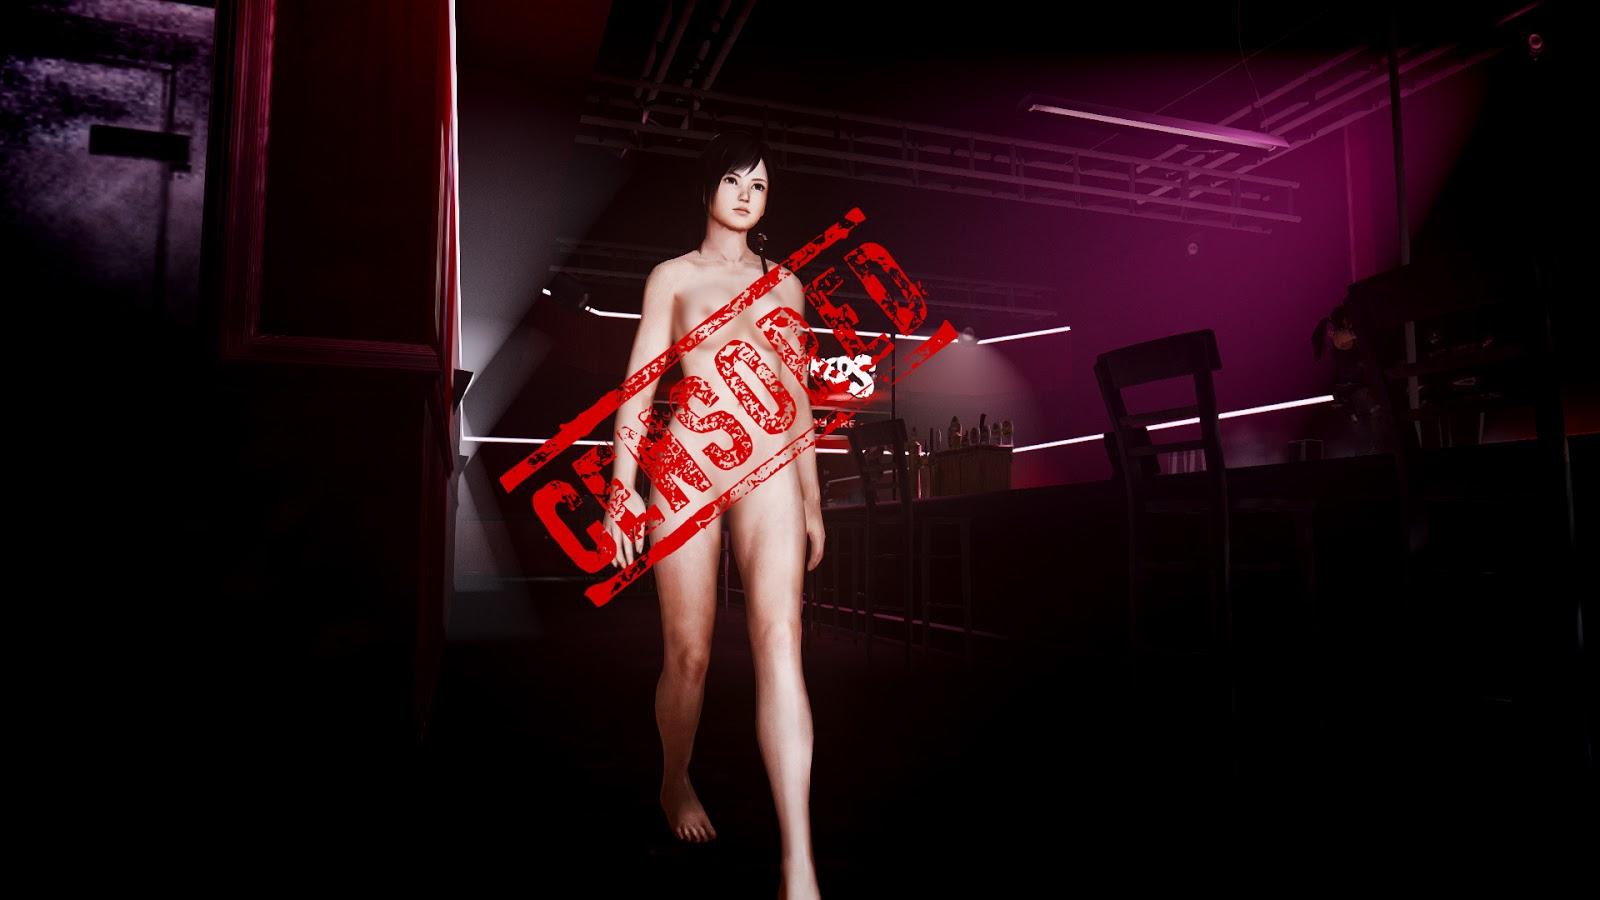 Gta 4 nud mod erotica tubes